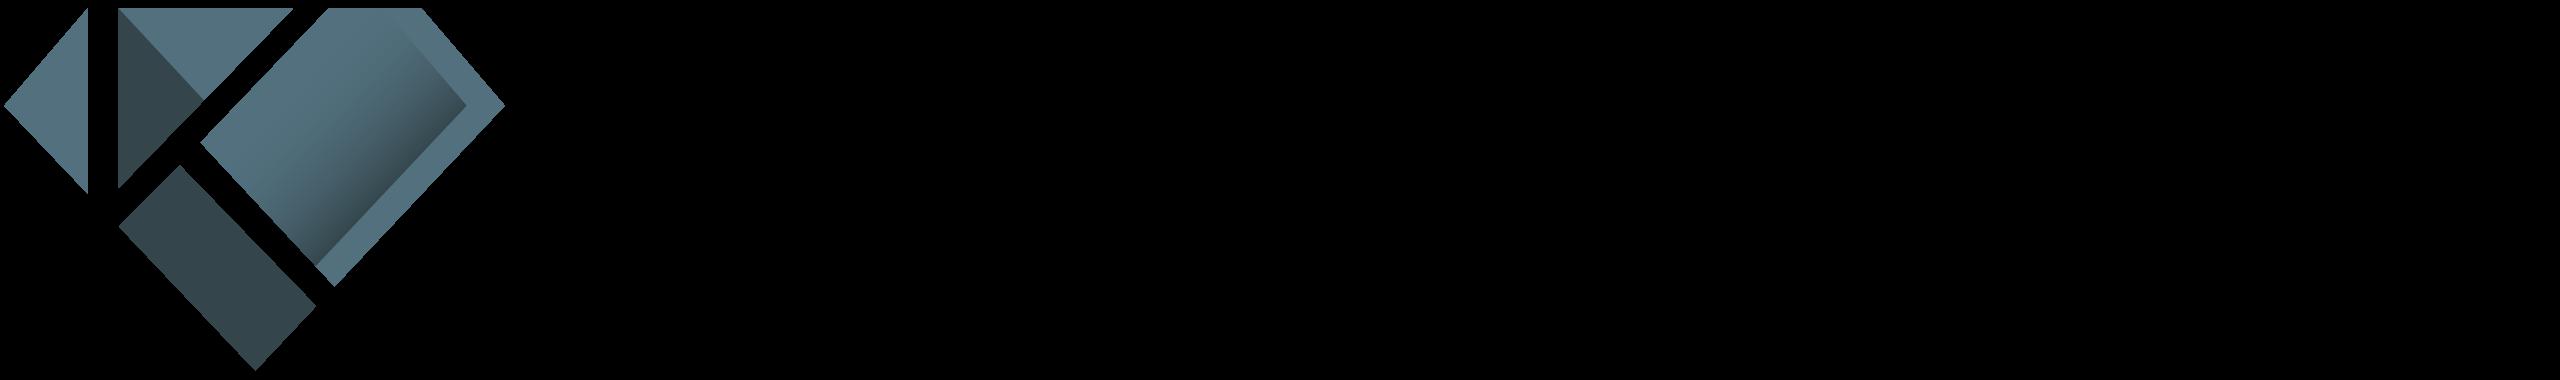 Keepsake Diamonds Corp logo